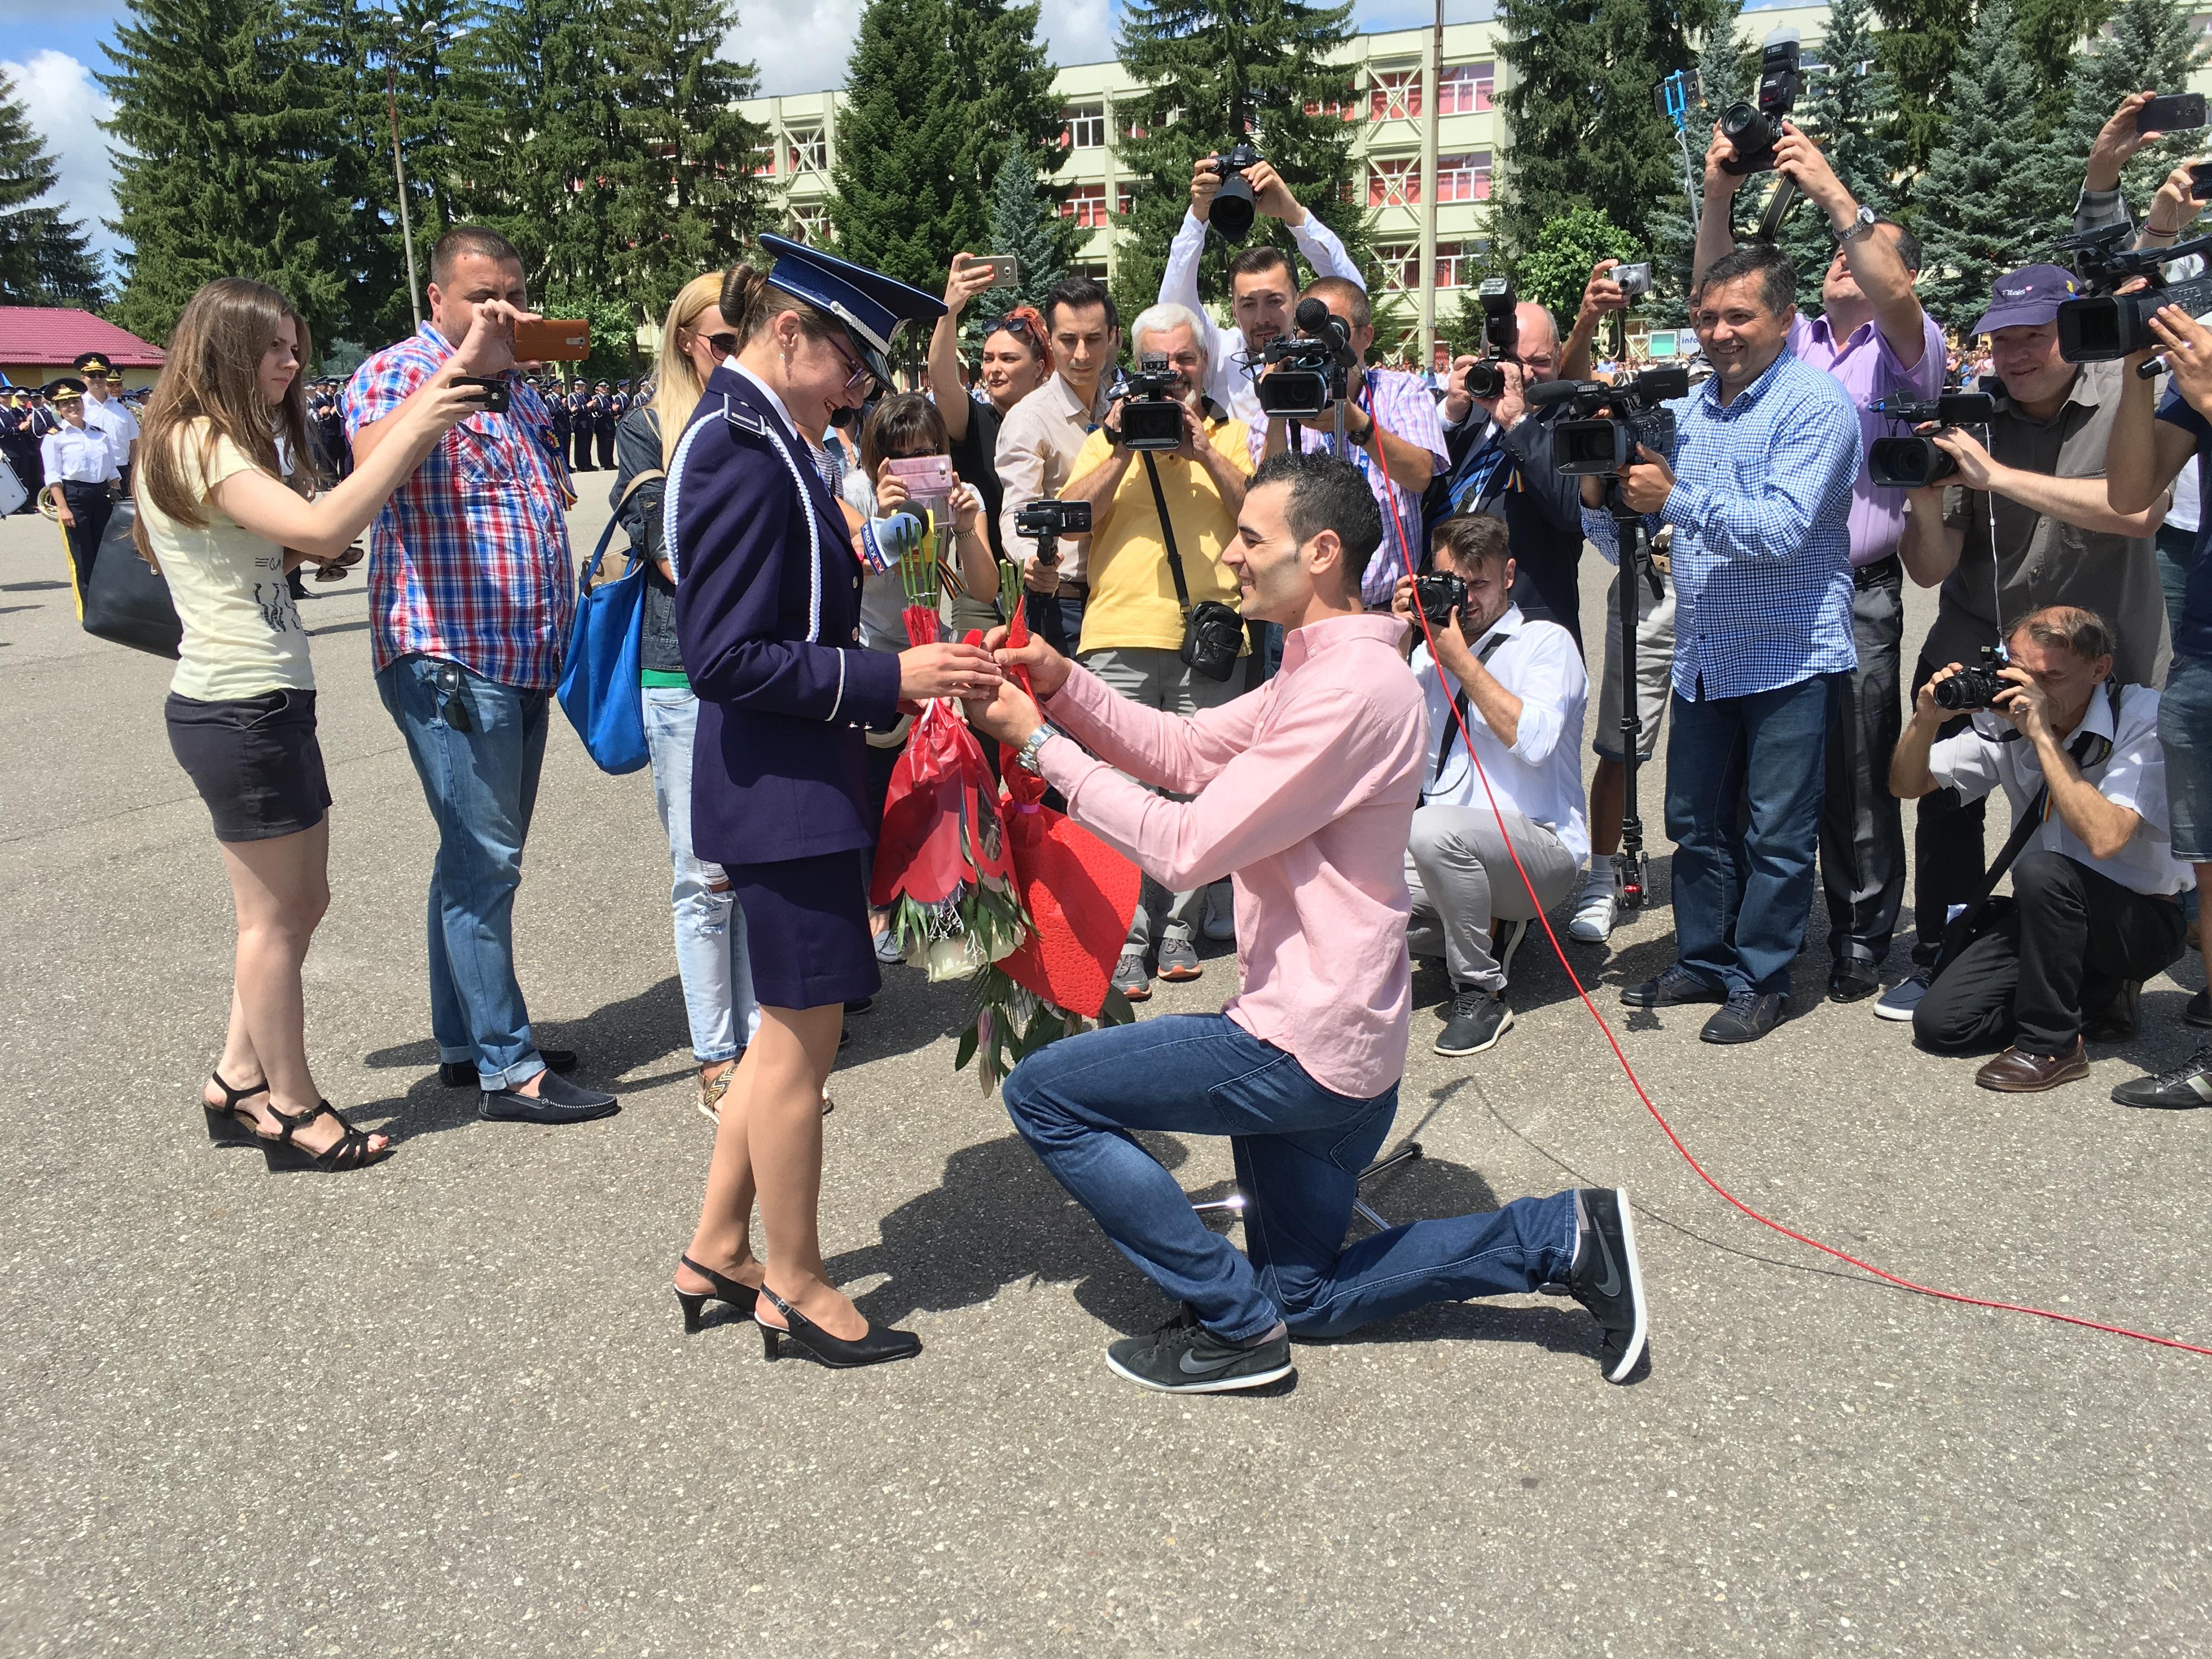 GALERIE FOTO, VIDEO Ministrul Afacerilor Interne, recomandare pentru absolvenţii Şcolii de Poliţie din Câmpina: Nu curge lapte şi miere unde veţi lucra/ Moment emoţionant la finalul ceremoniei: O elevă a fost cerută în căsătorie